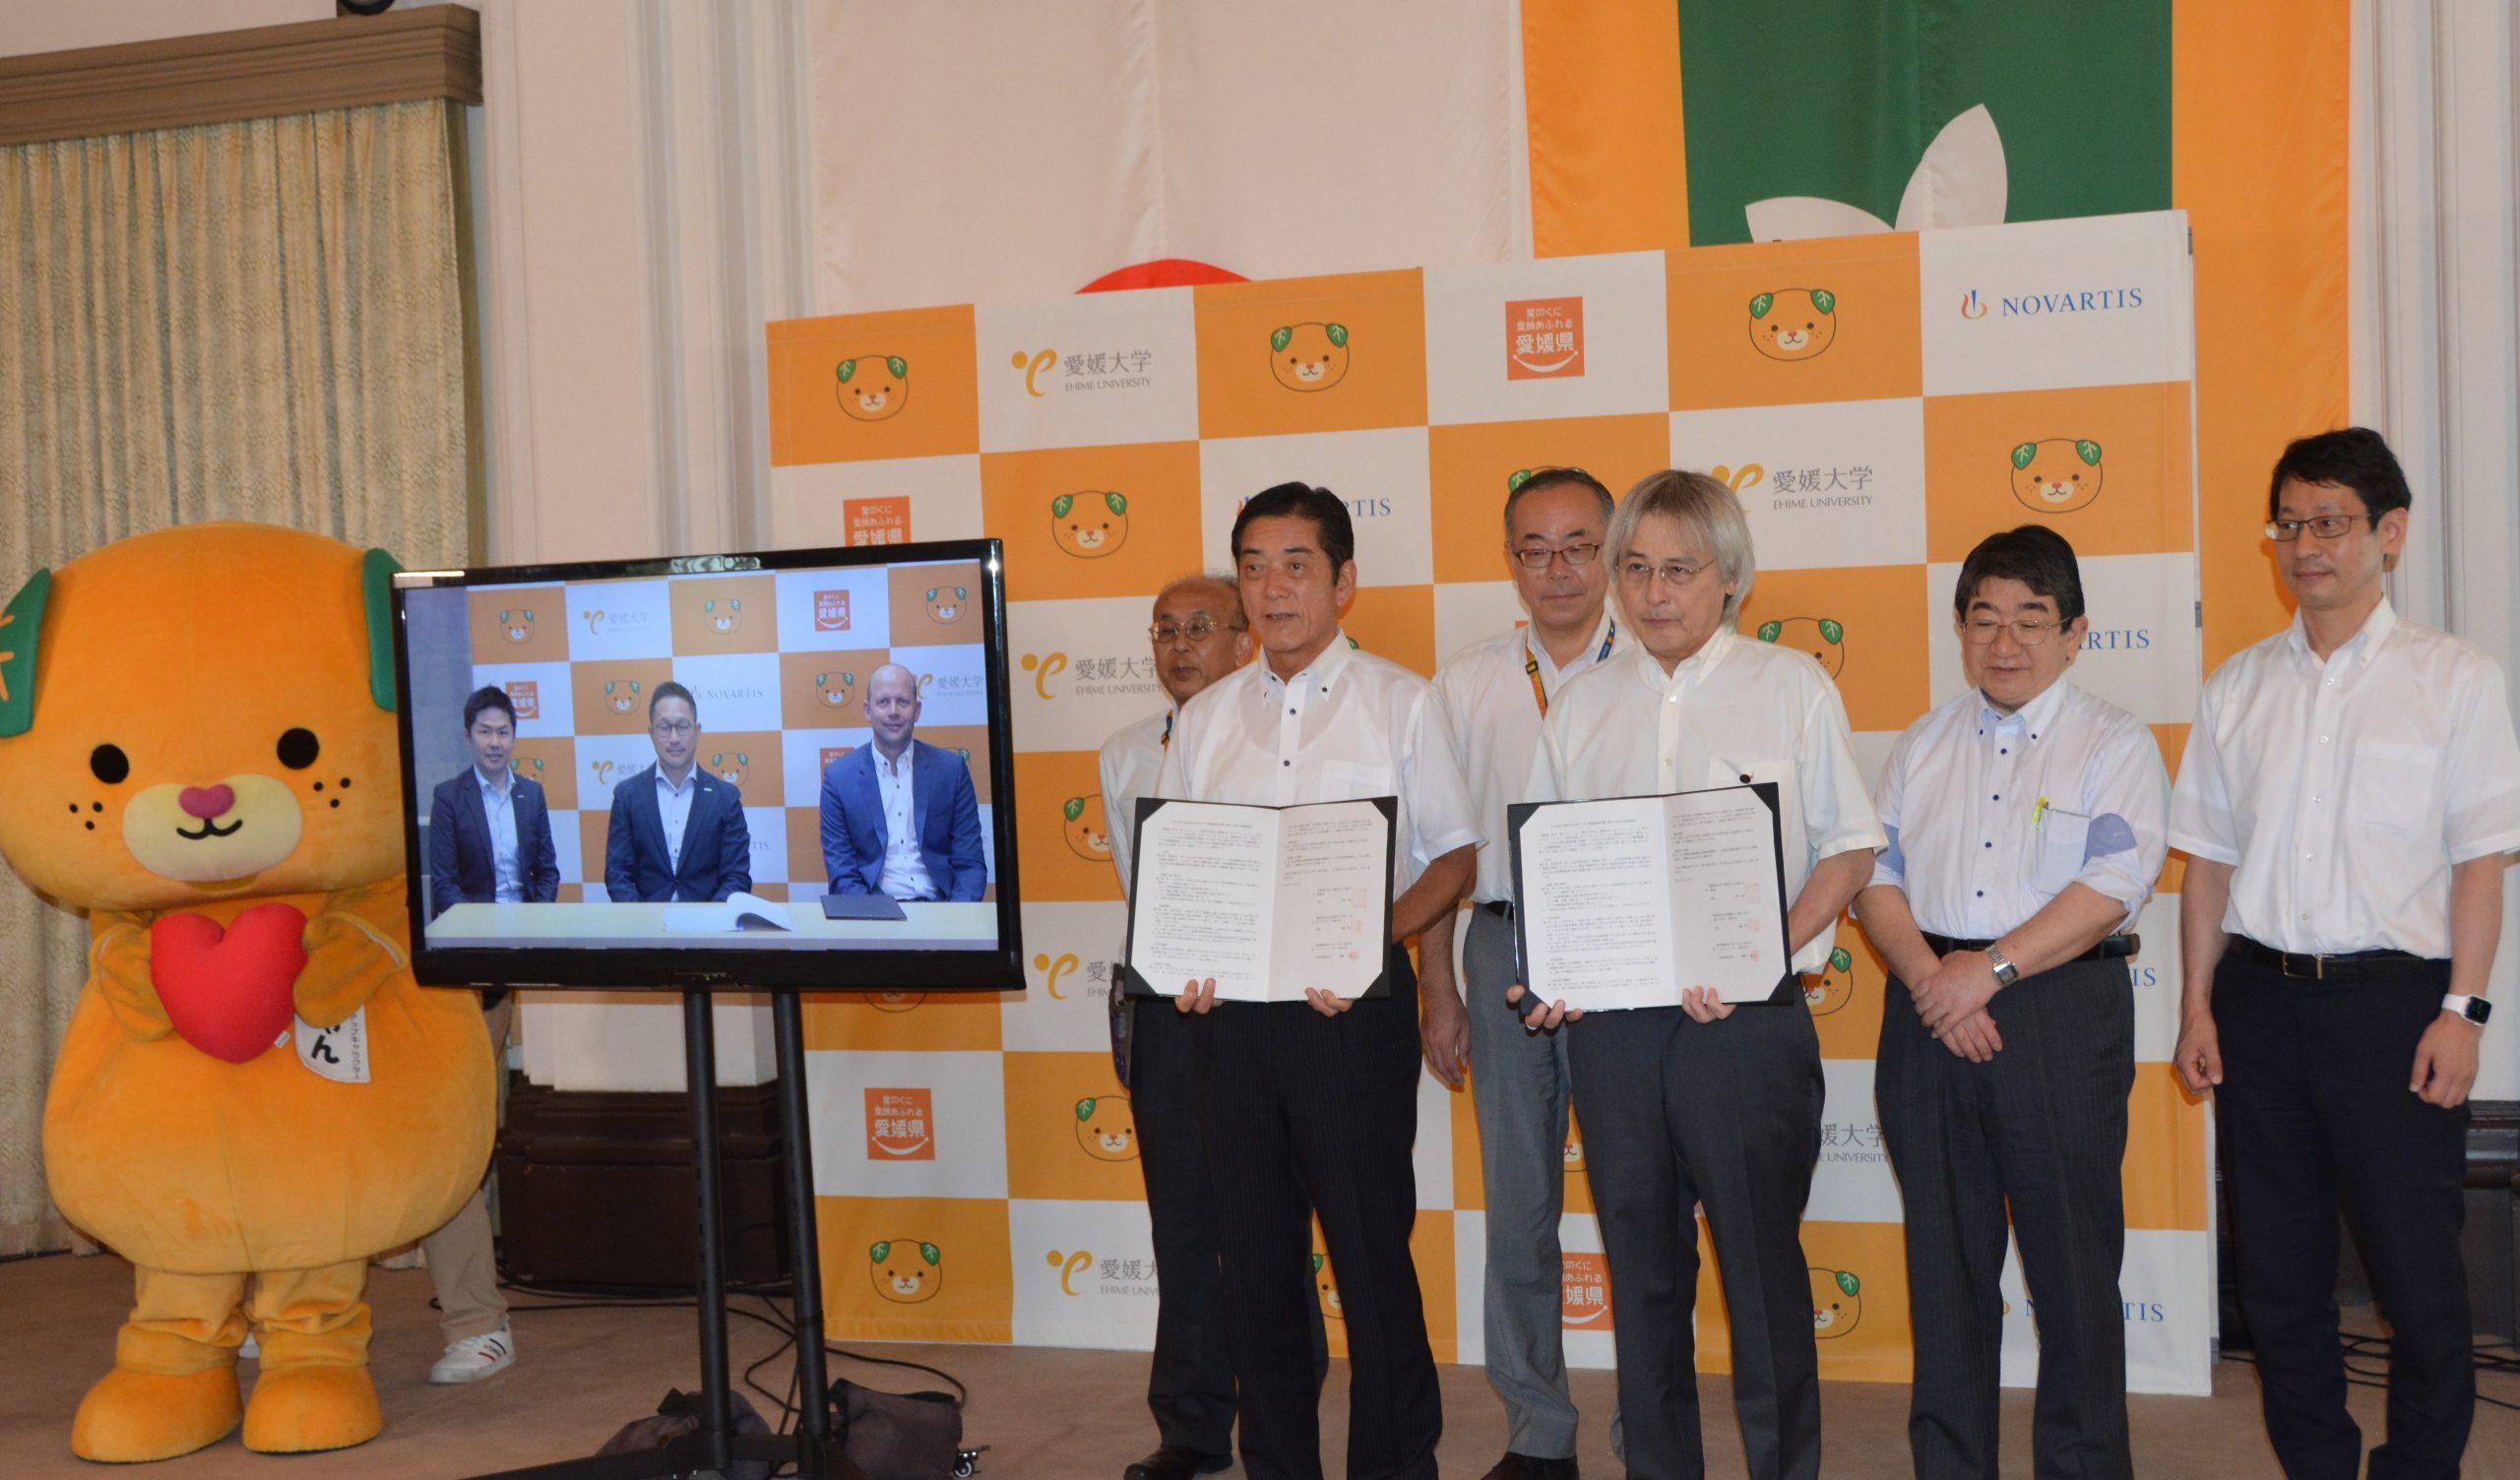 愛媛県、愛媛大学、ノバルティス ファーマが産官学連携協定を締結しました